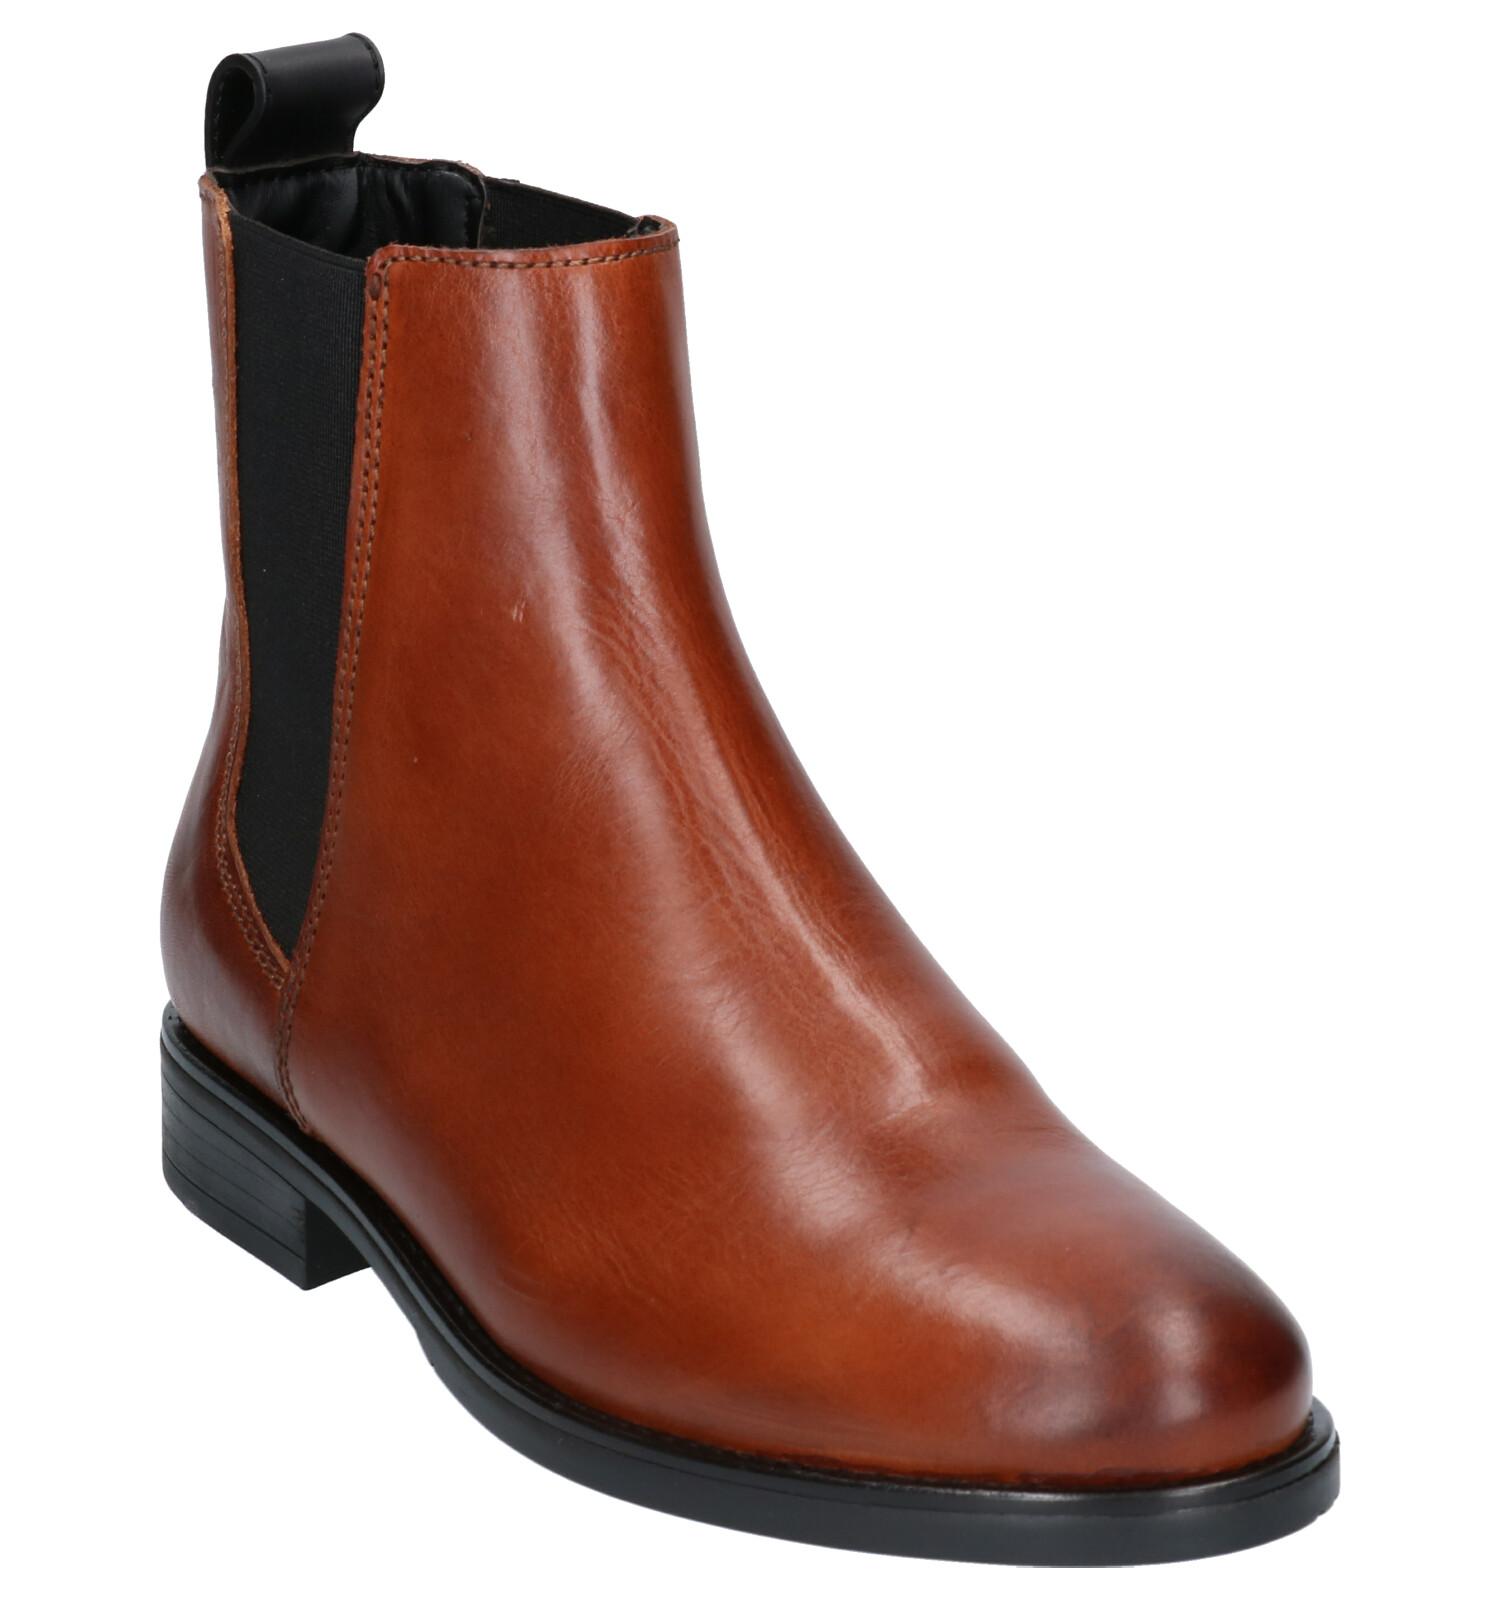 Boots Hilfiger Boots Cognac Hilfiger Cognac Boots Hilfiger Tommy Tommy Tommy Cognac OkXuPZi